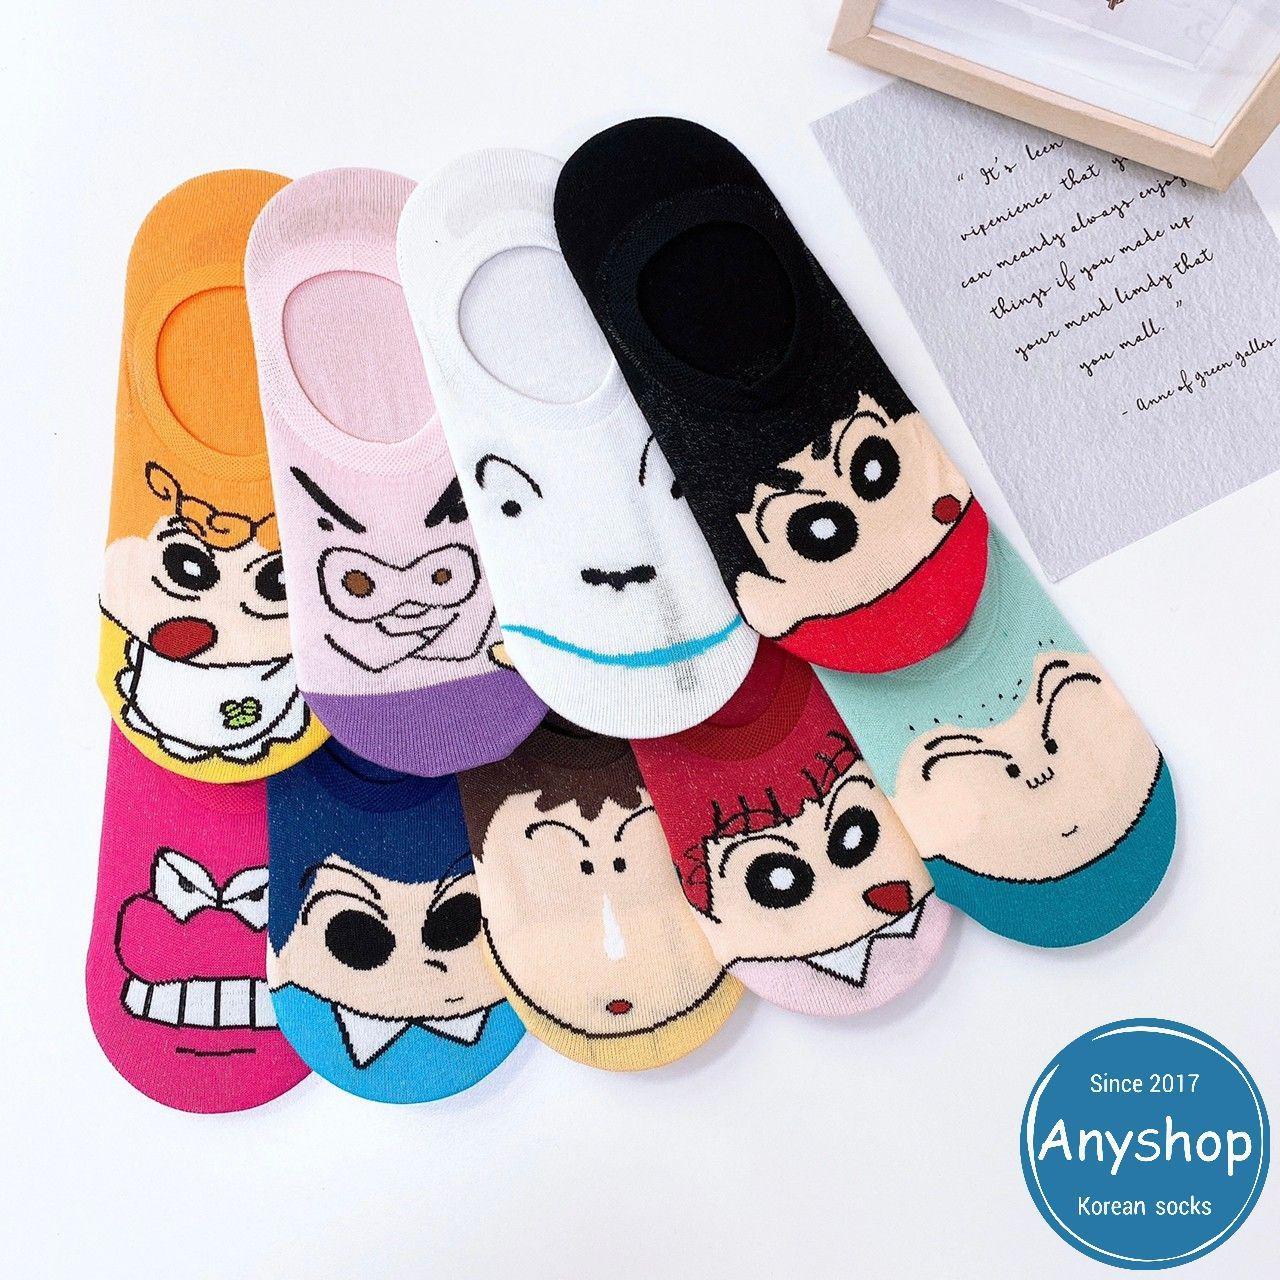 韓國襪-[Anyshop]蠟筆小新人物大臉船形襪